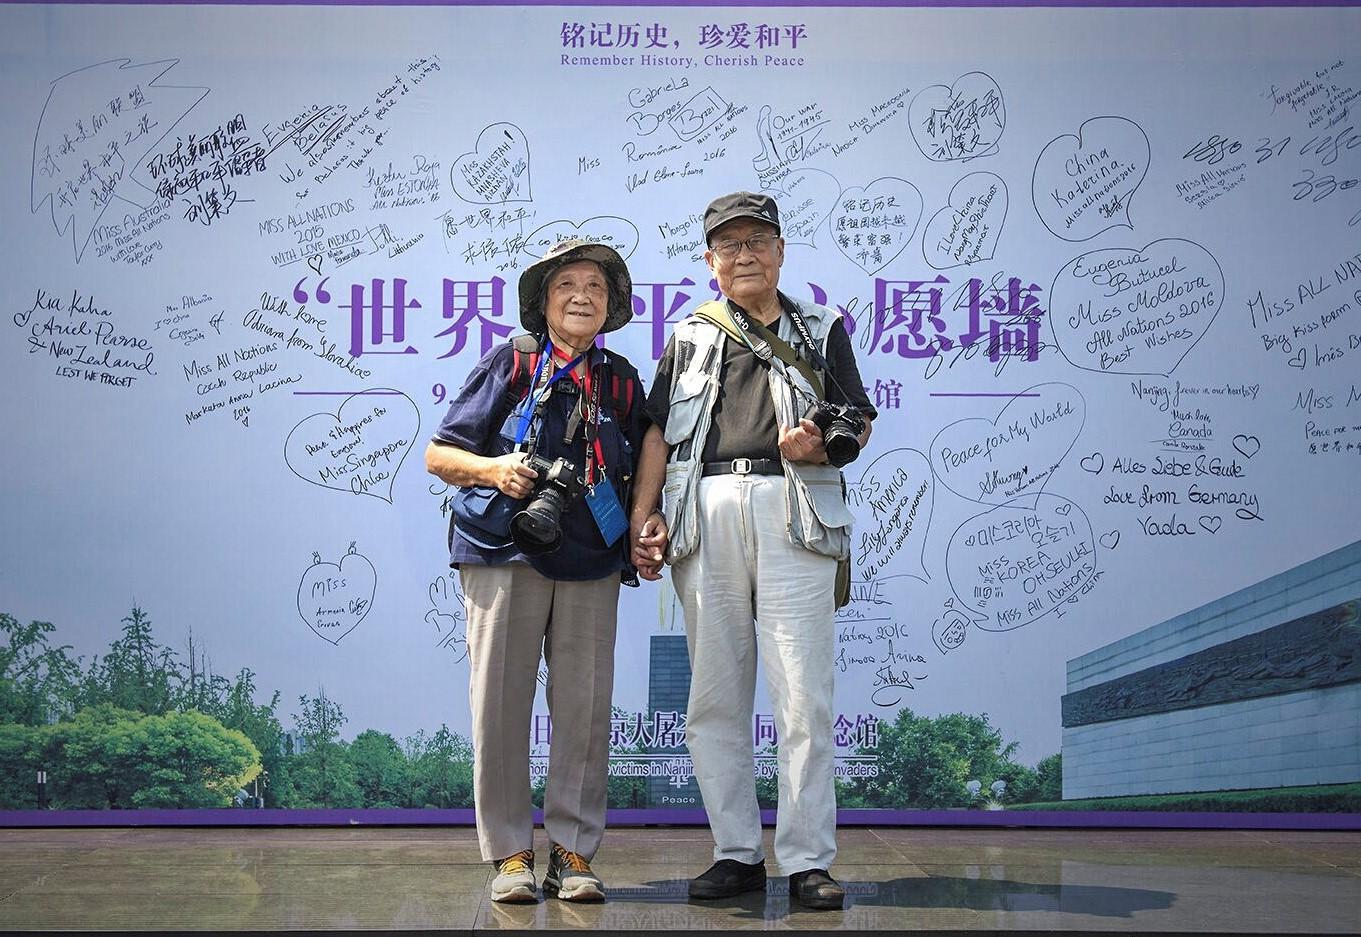 两万余张照片!抗战老兵夫妇25年坚持拍摄南京大屠杀遇难同胞悼念活动